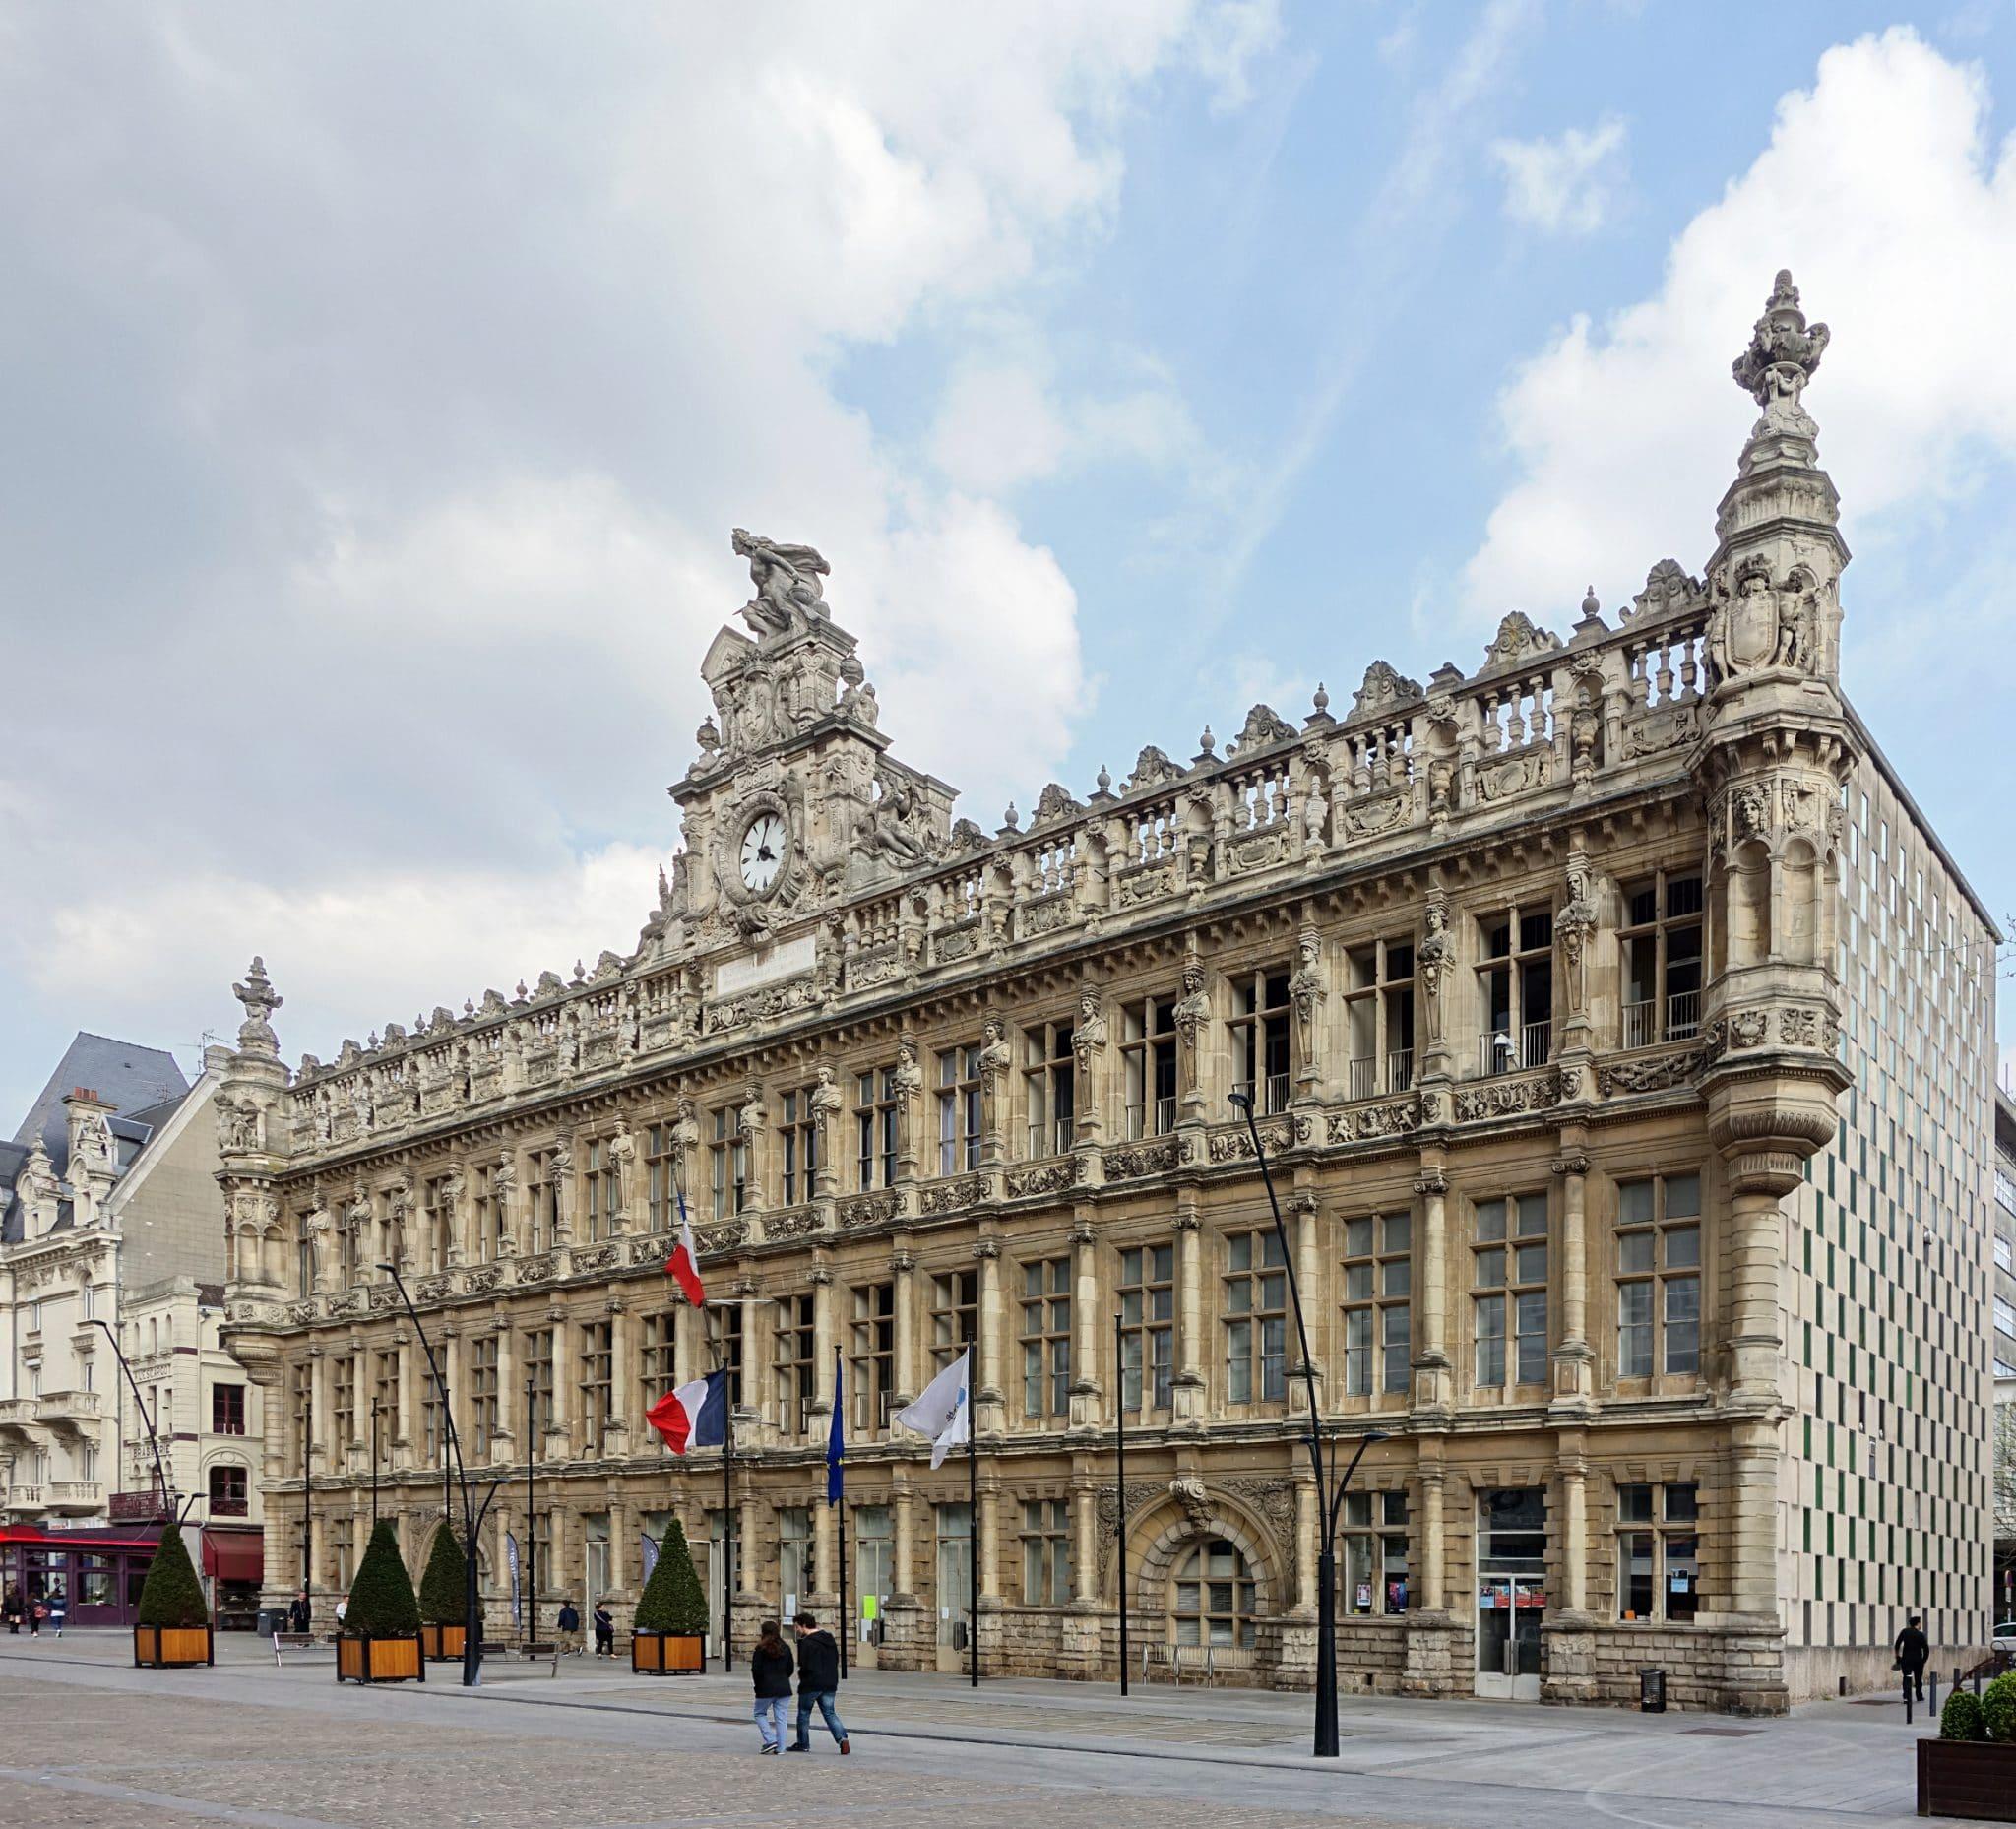 L'hôtel de ville de Valenciennes